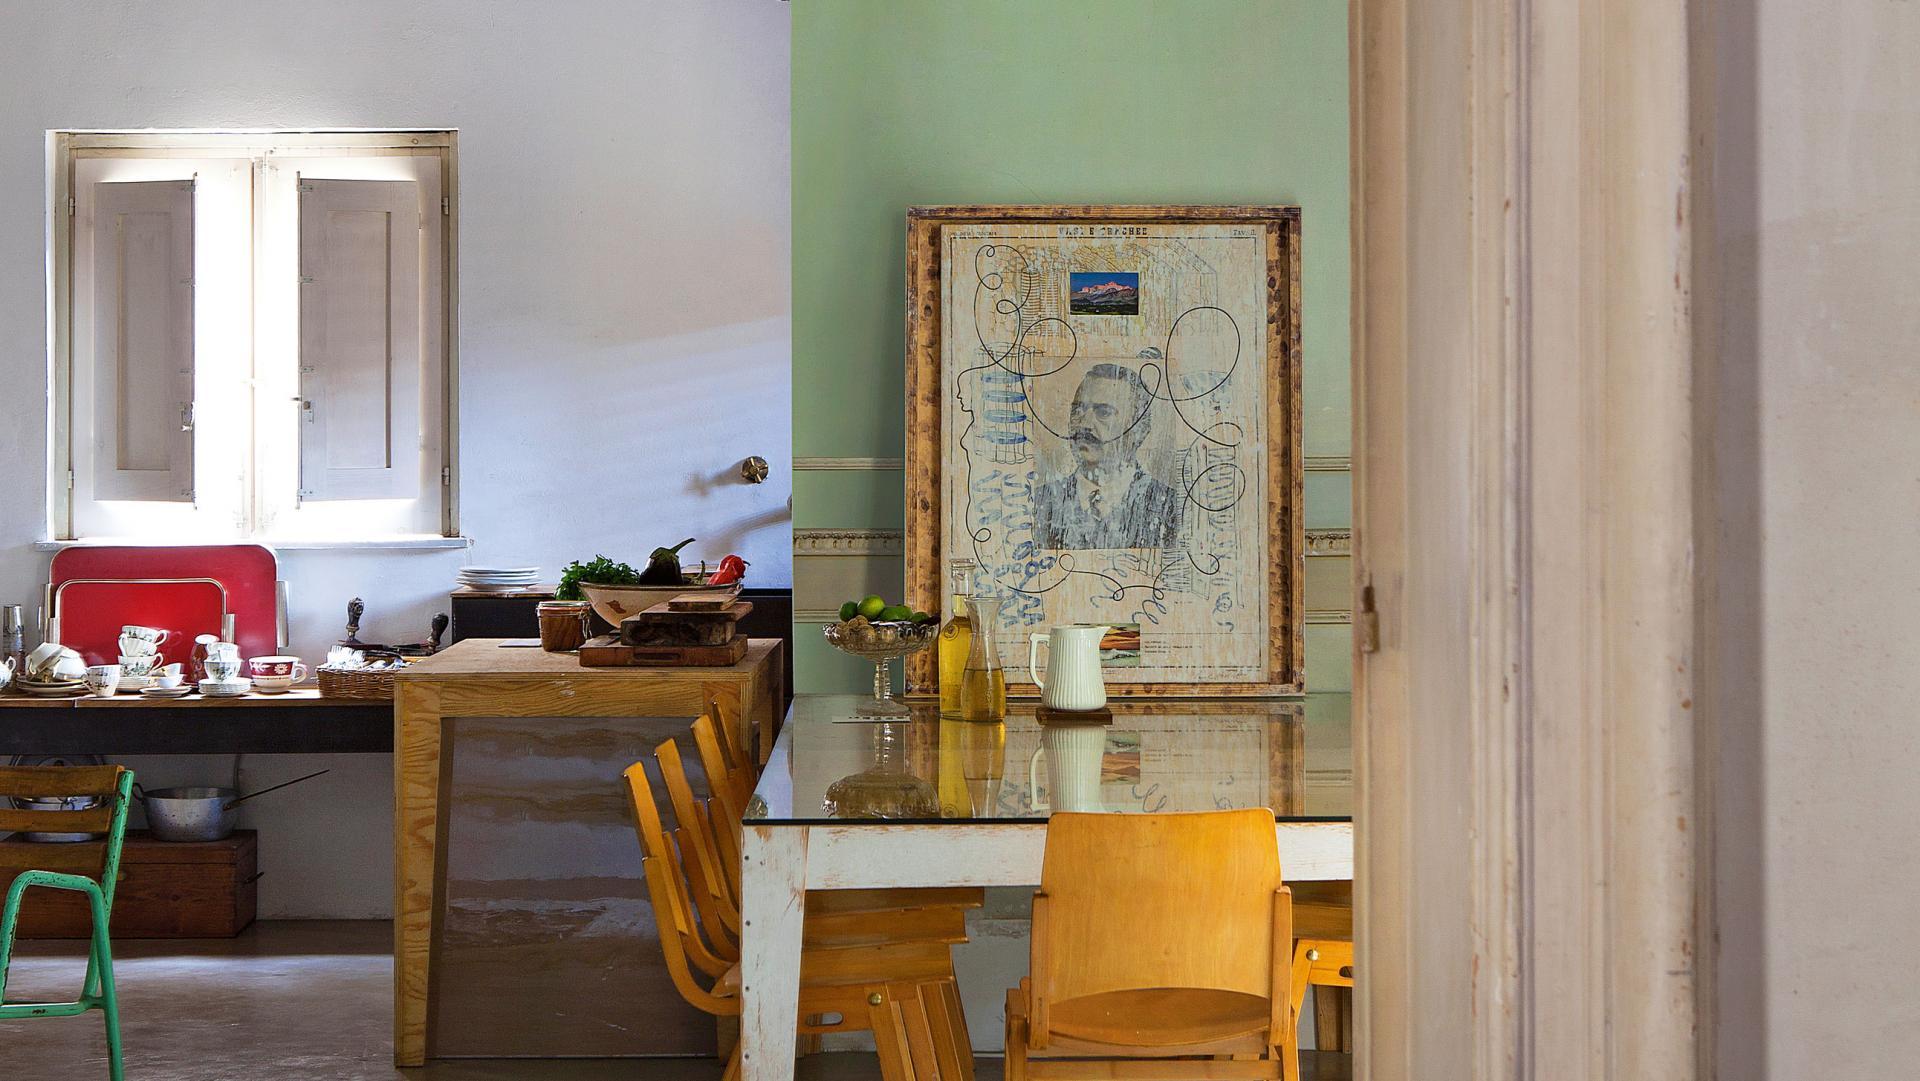 italian-home-ls-dining-living-italian-palazzo-20141118202903-q75,dx1920y-u1r1g0